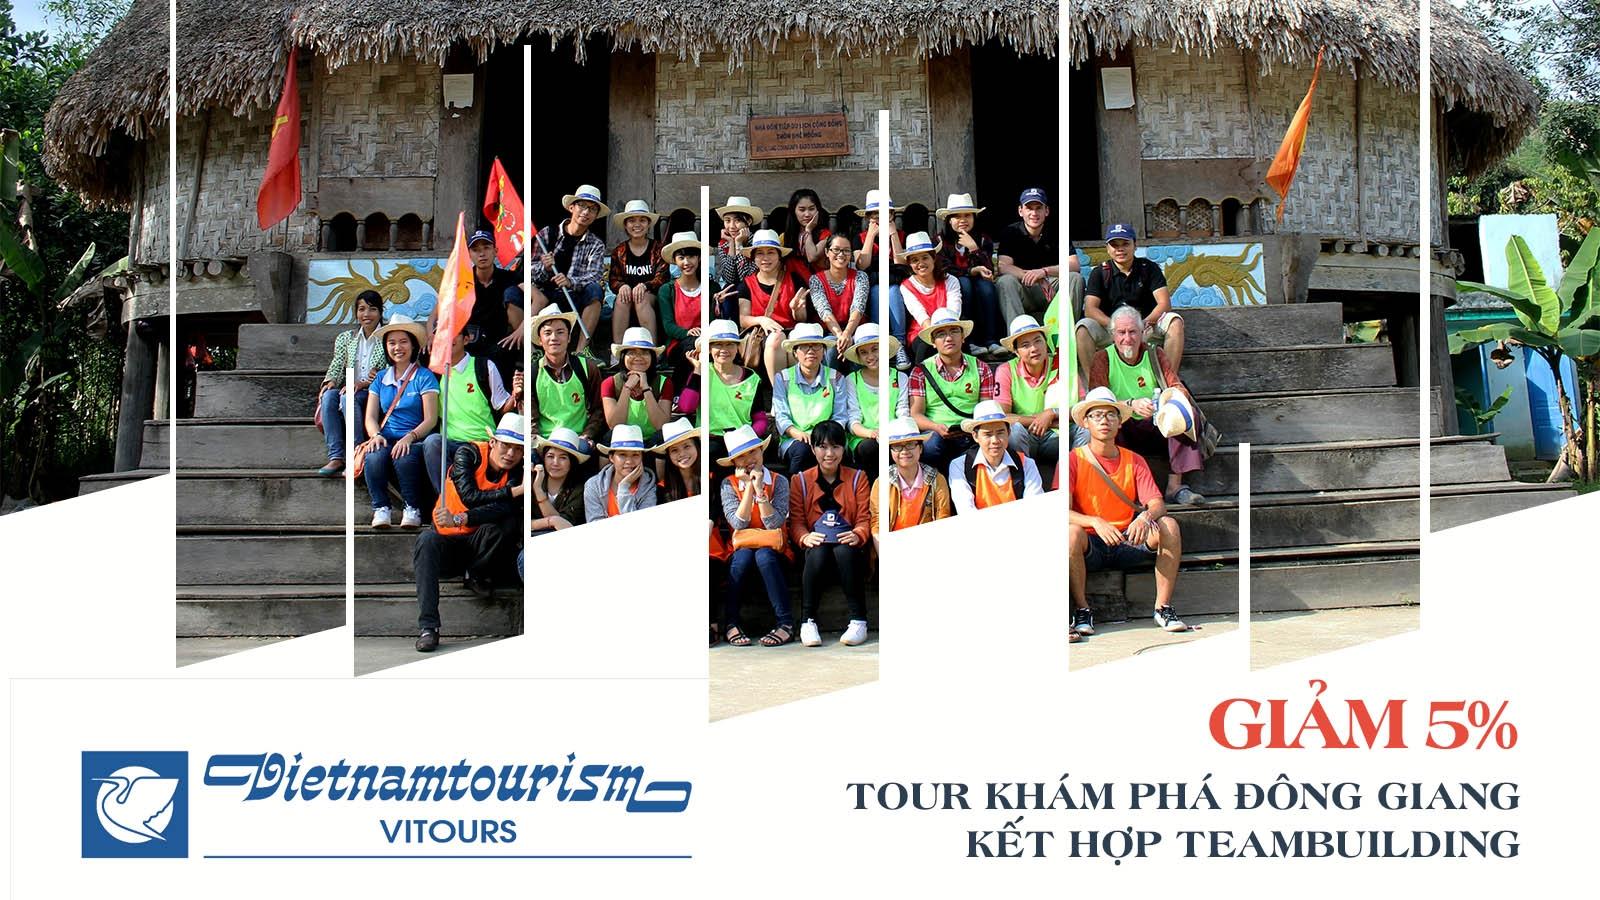 Vitours | Giảm 5% Tour du lịch khám phá Đông Giang kết hợp team building 2